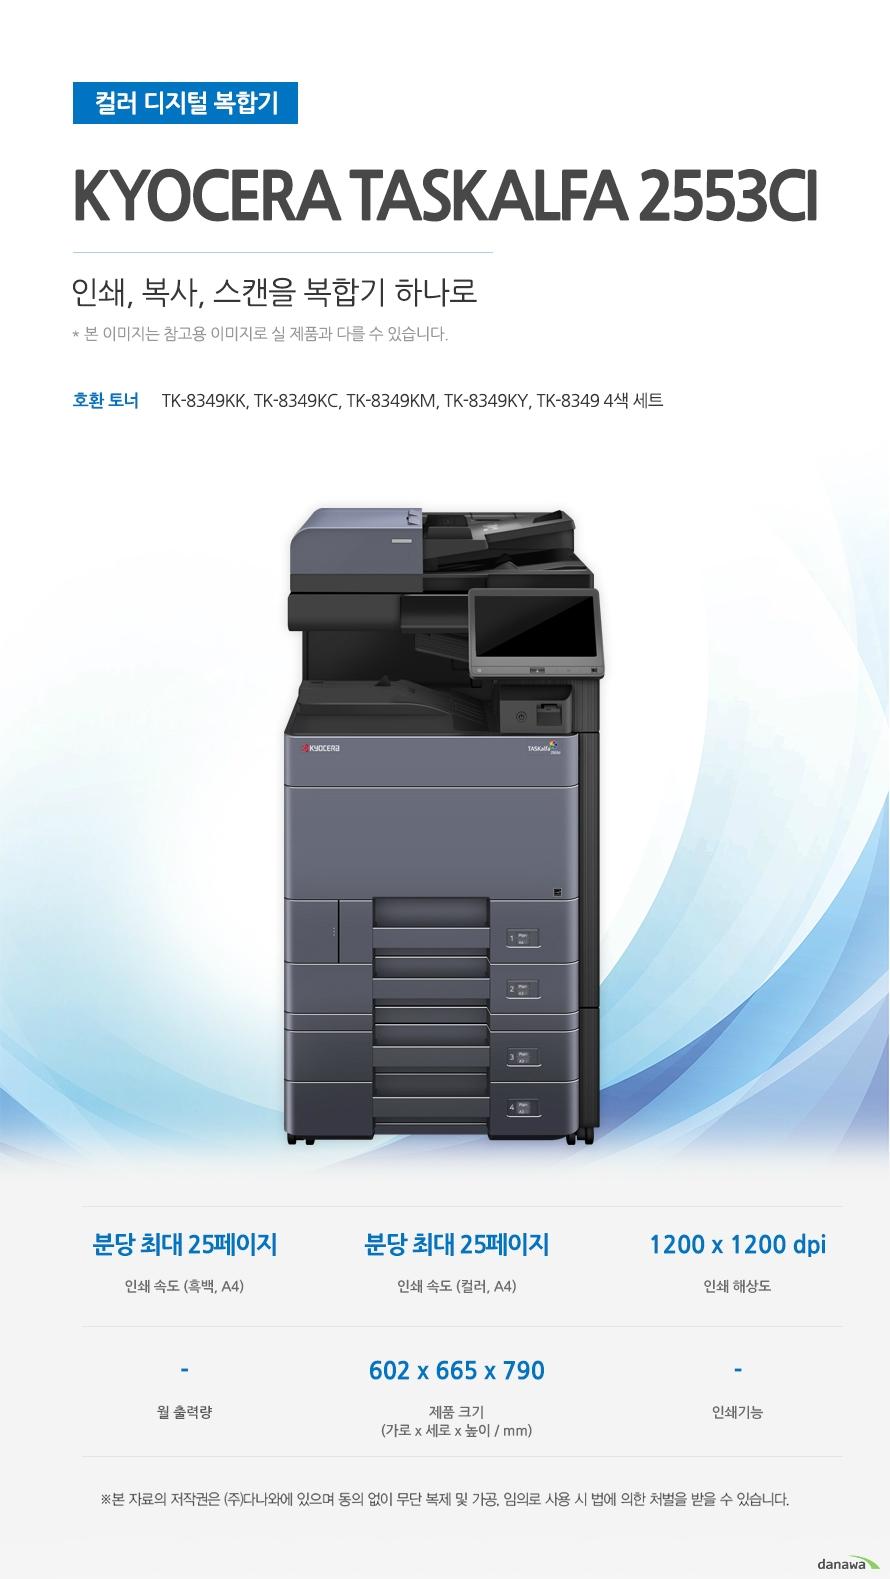 컬러 디지털 복합기 Kyocera TASKalfa 2553ci  (테이블 포함) 인쇄,복사.스캔을 복합기 하나로 호환토너 TK-8349KK, TK-8349KC, TK-8349KM, TK-8349KY, TK-8349 4색 세트 인쇄 속도 (흑백, A4) 분당 최대 25페이지 / 인쇄 속도 (컬러, A4) 분당 최대 25페이지 / 인쇄 해상도 1200 x 1200 dpi / 제품 크기 (가로 x 세로 x 높이 / mm) 602 x 665 x 790 최대 25ppm의 빠른 인쇄 속도 다양한 문서에 대한 빠른 인쇄로 가정, 학교, 사무실 등 어느 환경에서나 답답함 없이 문서를 출력하실 수 있습니다.  *ppm: pages per minute (1분에 출력하는 페이지 수)흑백 출력 속도 25ppm / 컬러 출력 속도 25ppm / 흑백 첫 장 인쇄 7초 / 컬러 첫 장 인쇄 9.2초 효율적인 용지급지 용지함을 한 번 채워 넣으면 용지를 자주 채워줄 필요 없이 오랫 동안 사용할 수 있어, 업무 중 불필요한 시간 낭비를 줄여줍니다. *최대 용지함 개수와 최대 급지용량은 기본 장착이 아닙니다. 제품 구매 전 옵션 사항을 확인하세요.최대 용지함(옵션) 4단 용지함 기본 급지 용량 1,150매 최대 급지 용량  7,150매 어느 공간에나 어울리는 컴팩트한 사이즈 컴팩트한 사이즈로 다양한 환경에서 부담없이 설치하고 효율적으로 배치시킬 수 있습니다. 602 x 665 x 790mm 가로 x 세로 x 높이 사무환경에 맞는 인쇄, 복사, 스캔 기능 인쇄, 복사, 스캔 기능을 결합하여 불필요한 시간 절약은 물론, 더욱 효율적인 처리가 가능합니다. *팩스의 경우 기본장착이 아닙니다. 제품 구매 전 옵션 사항을 확인 하세요.